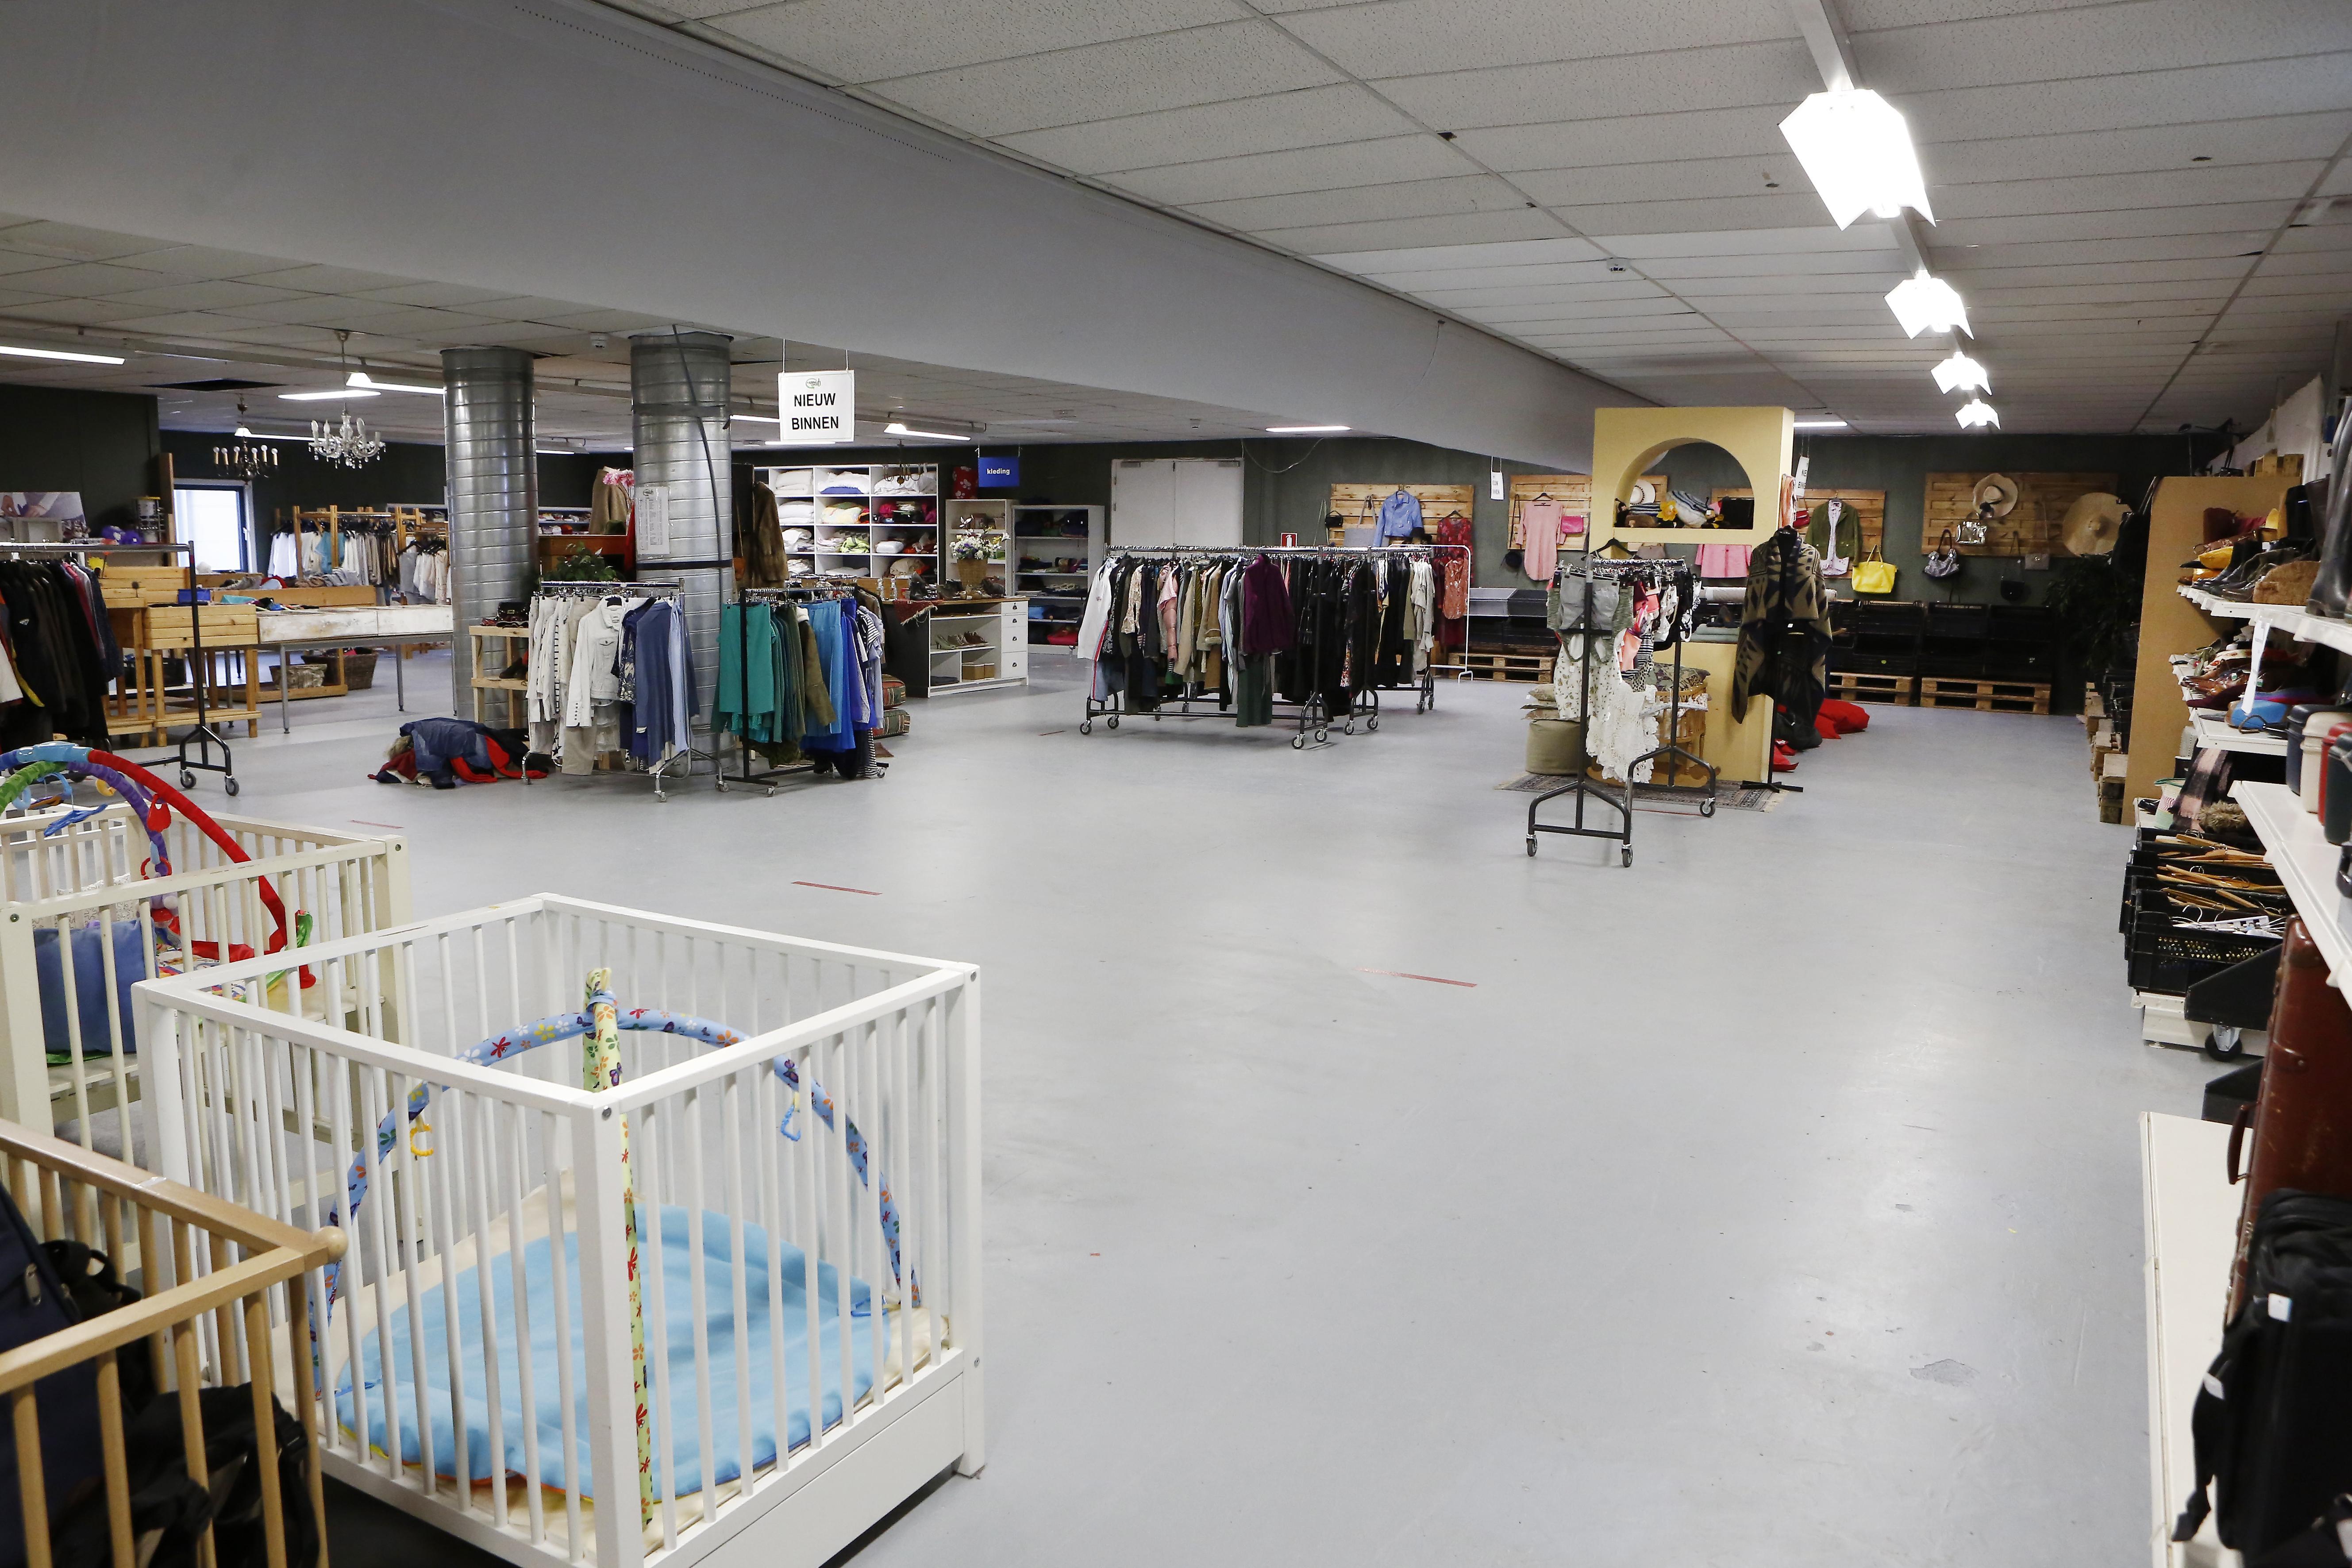 Kringloopwinkels in de regio verontwaardigd over suggestie van overvolle magazijns. 'We hebben ruimte zat. Kom maar op met die spullen!'